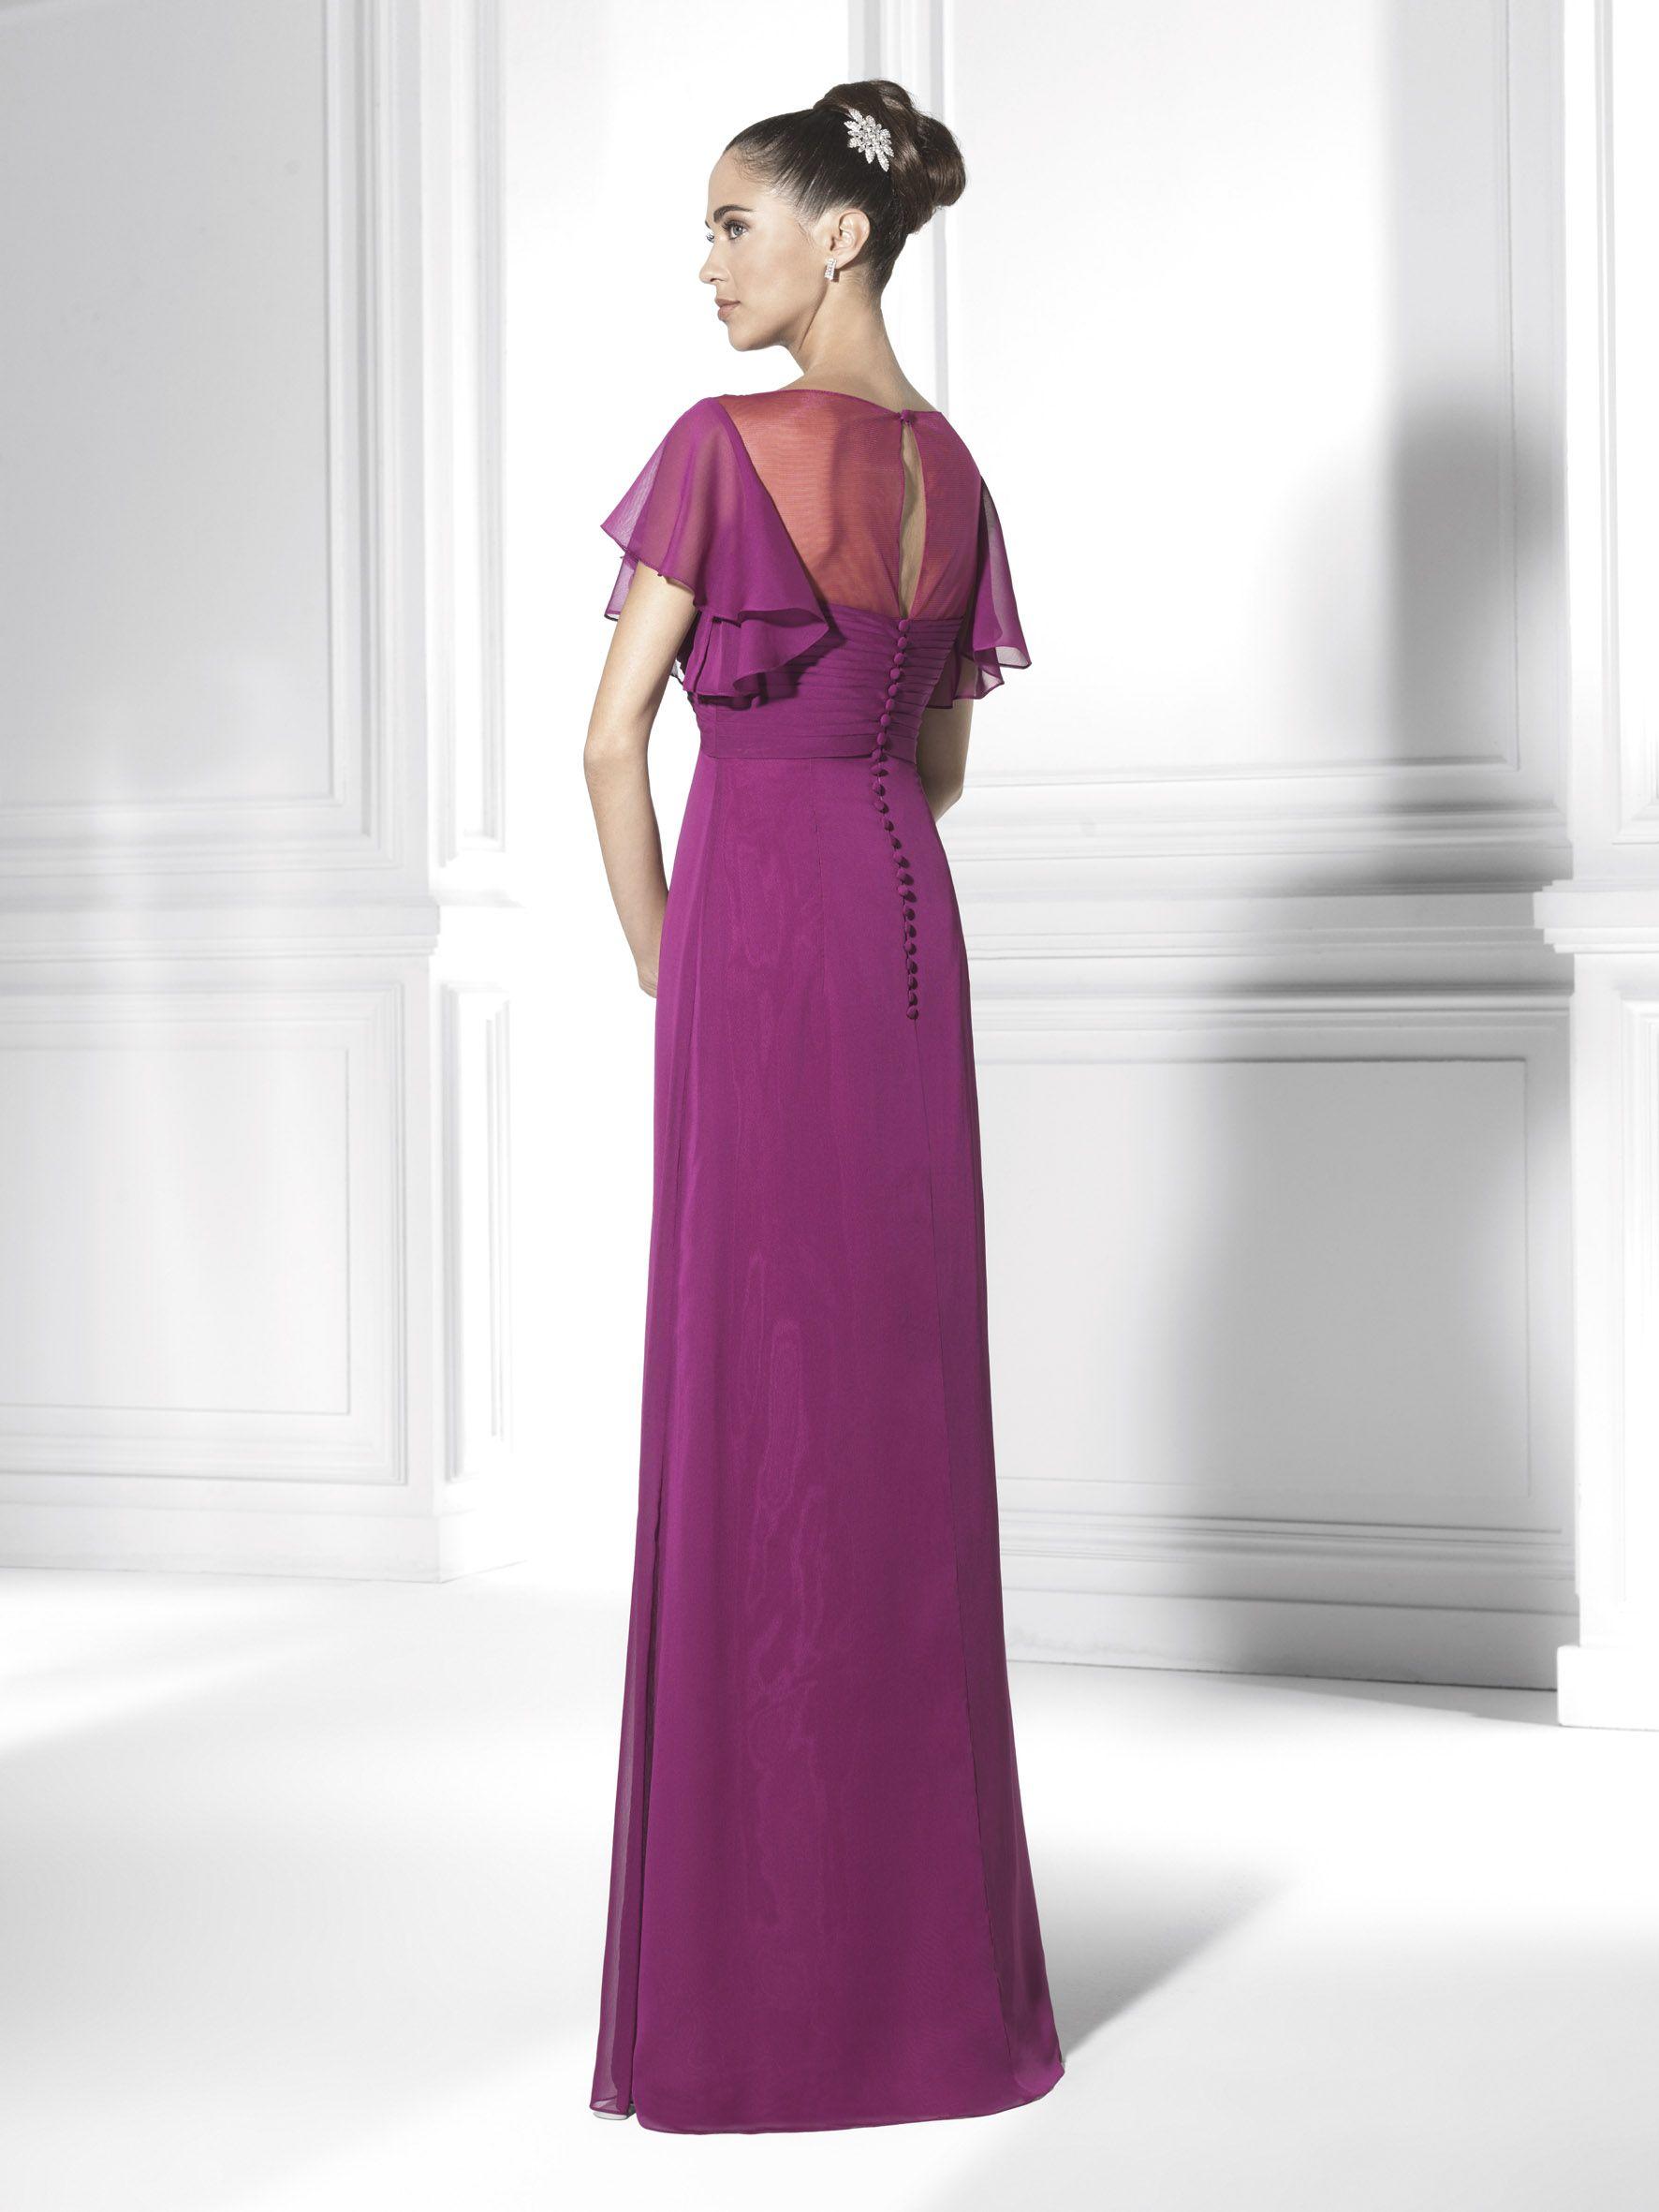 Vestido de madrina confeccionado en chiffon de seda y color borgoña ...